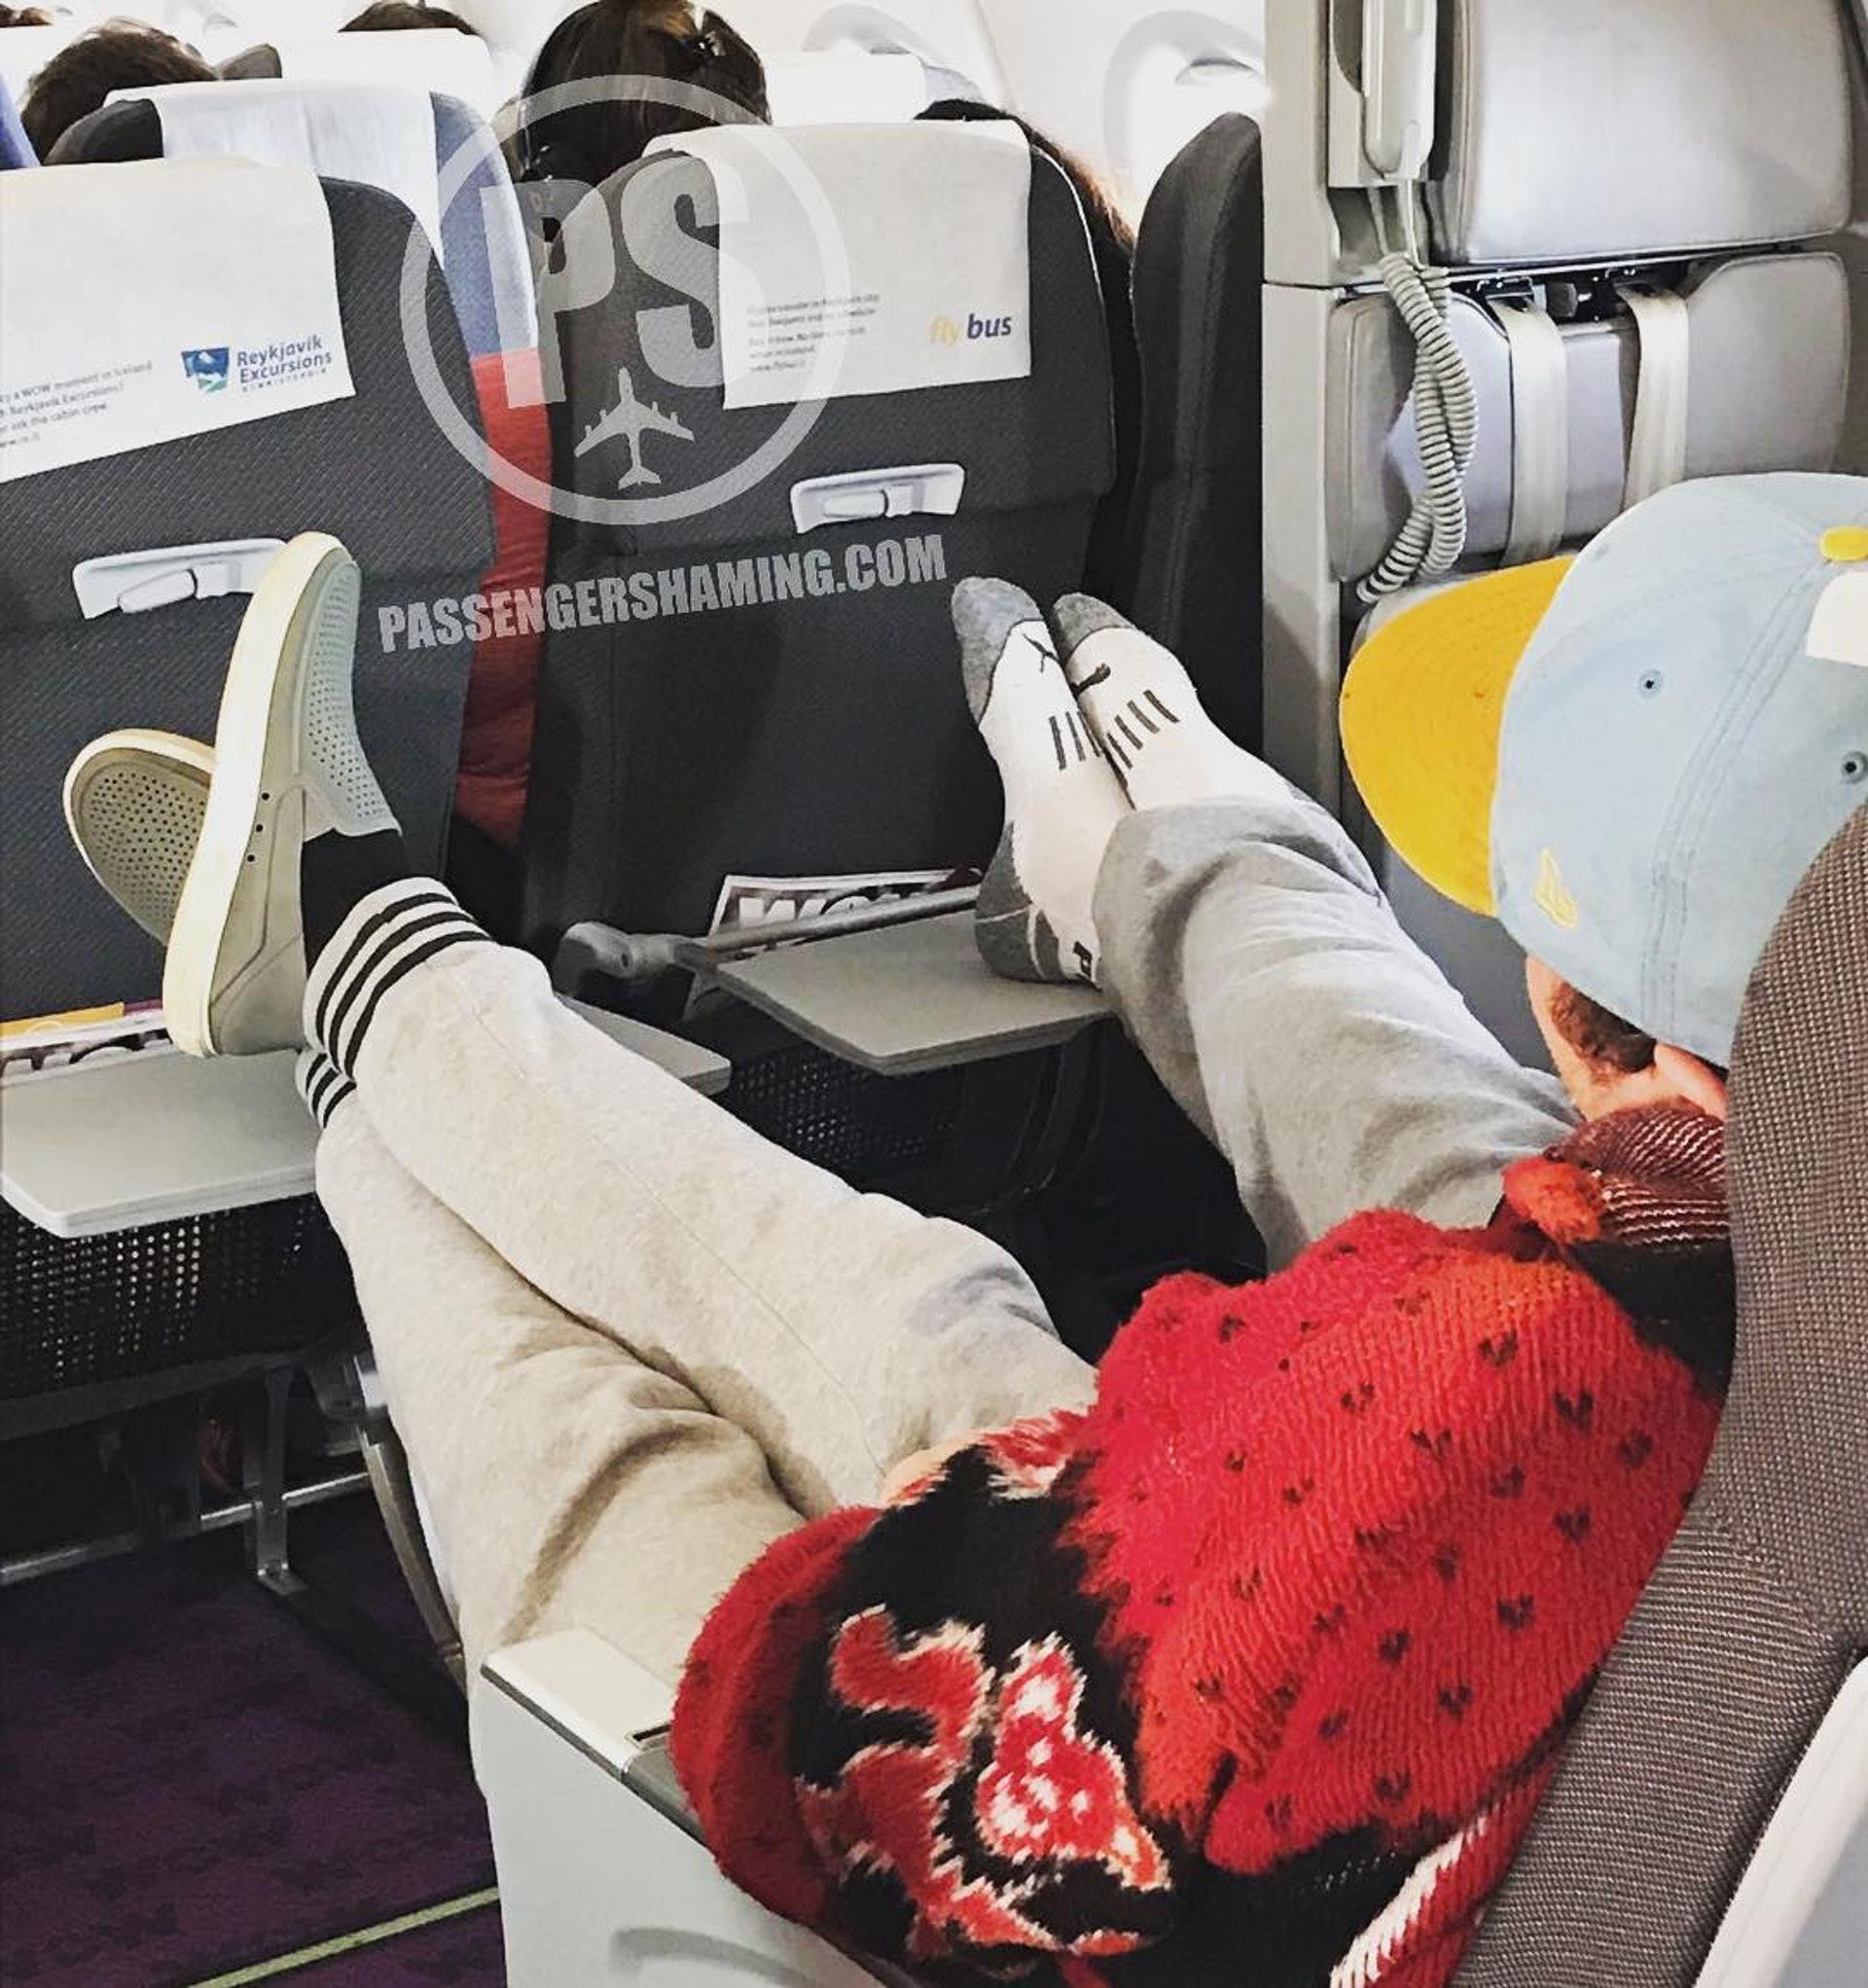 被後座乘客膝撞或踢醒的感覺,相信大家也不會陌生。(圖片來源:passengershaming@ig)